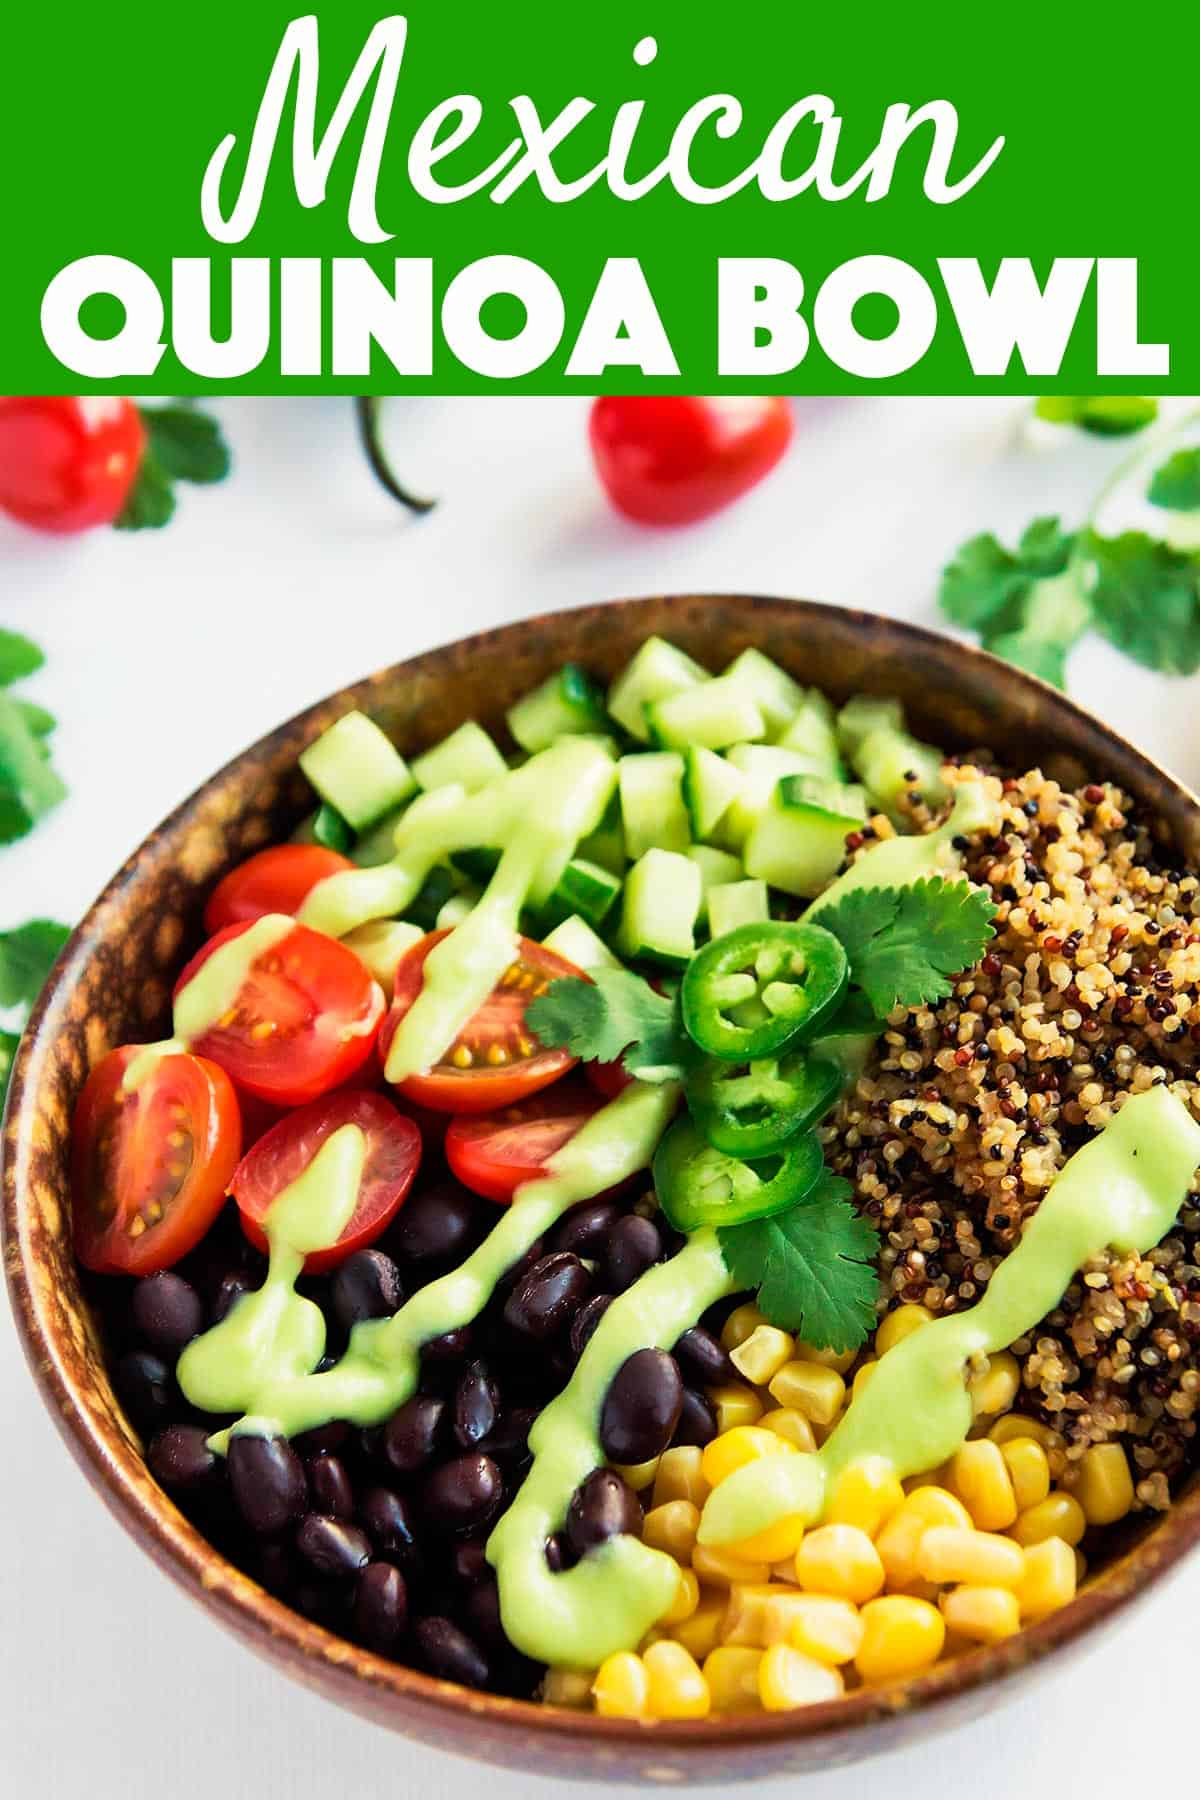 Mexican Quinoa Bowl with Avocado Salsa